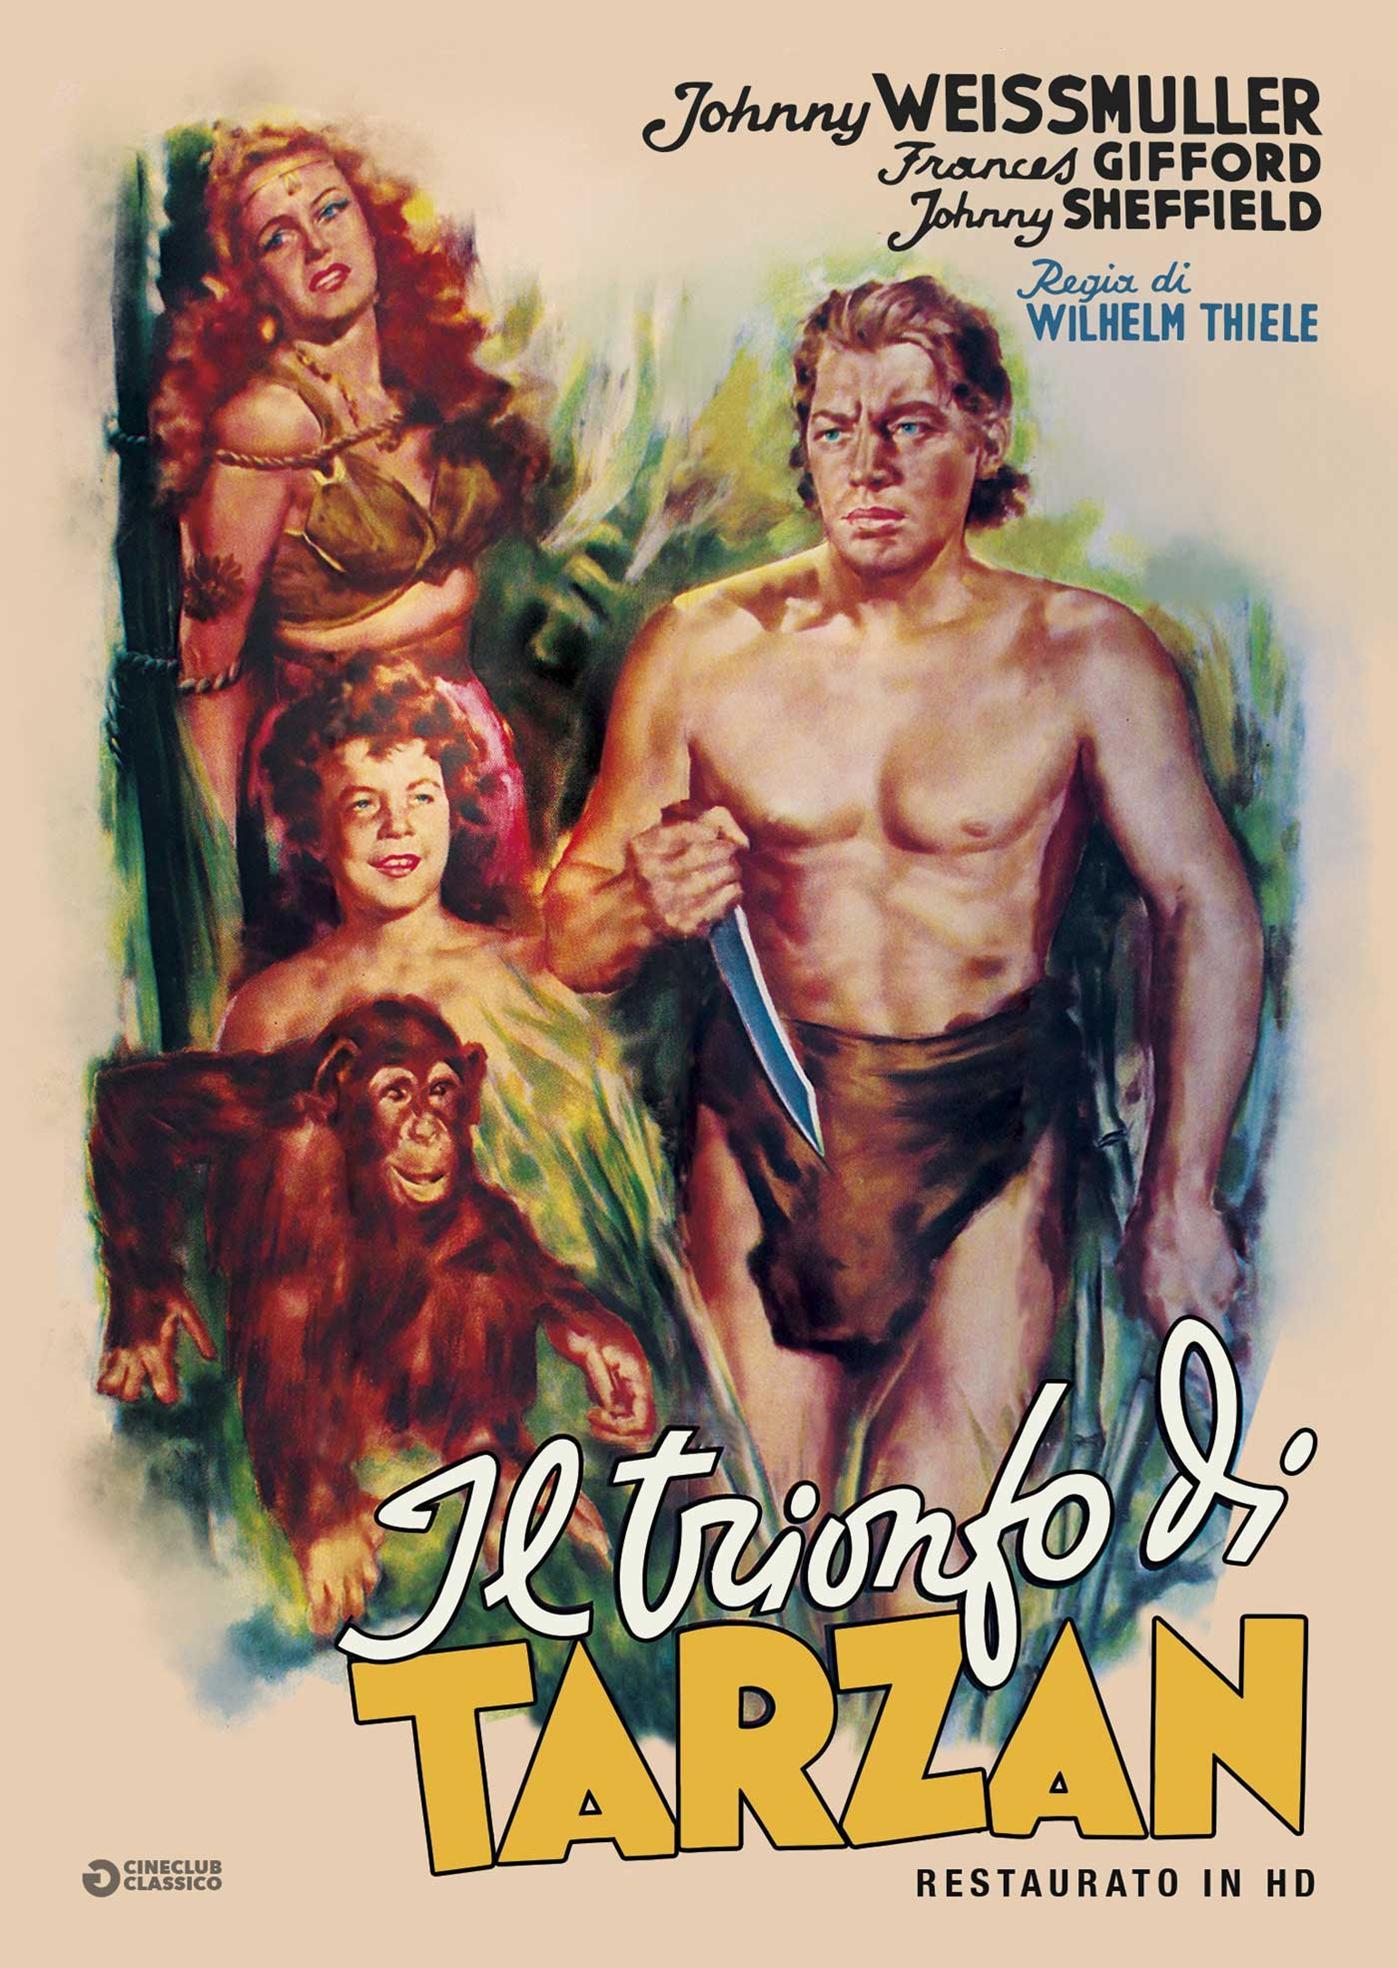 IL TRIONFO DI TARZAN (RESTAURATO IN HD) (DVD)